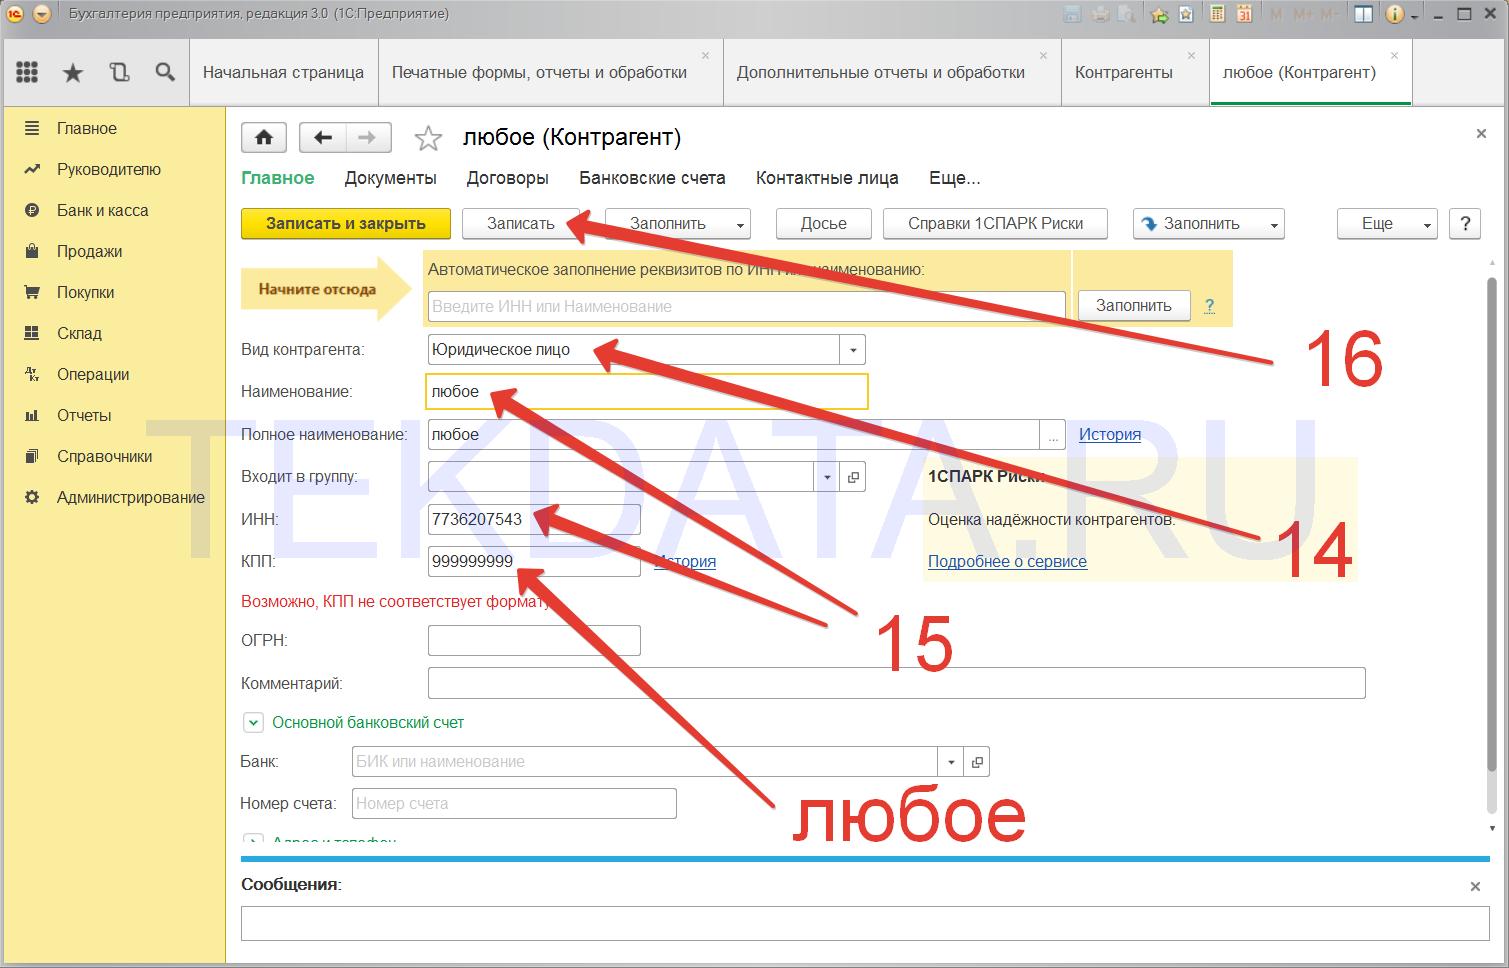 Заполнение контрагентов по ИНН или ОГРН в БП 3.0 (Действия 14-15-16-inn) | tekdata.ru